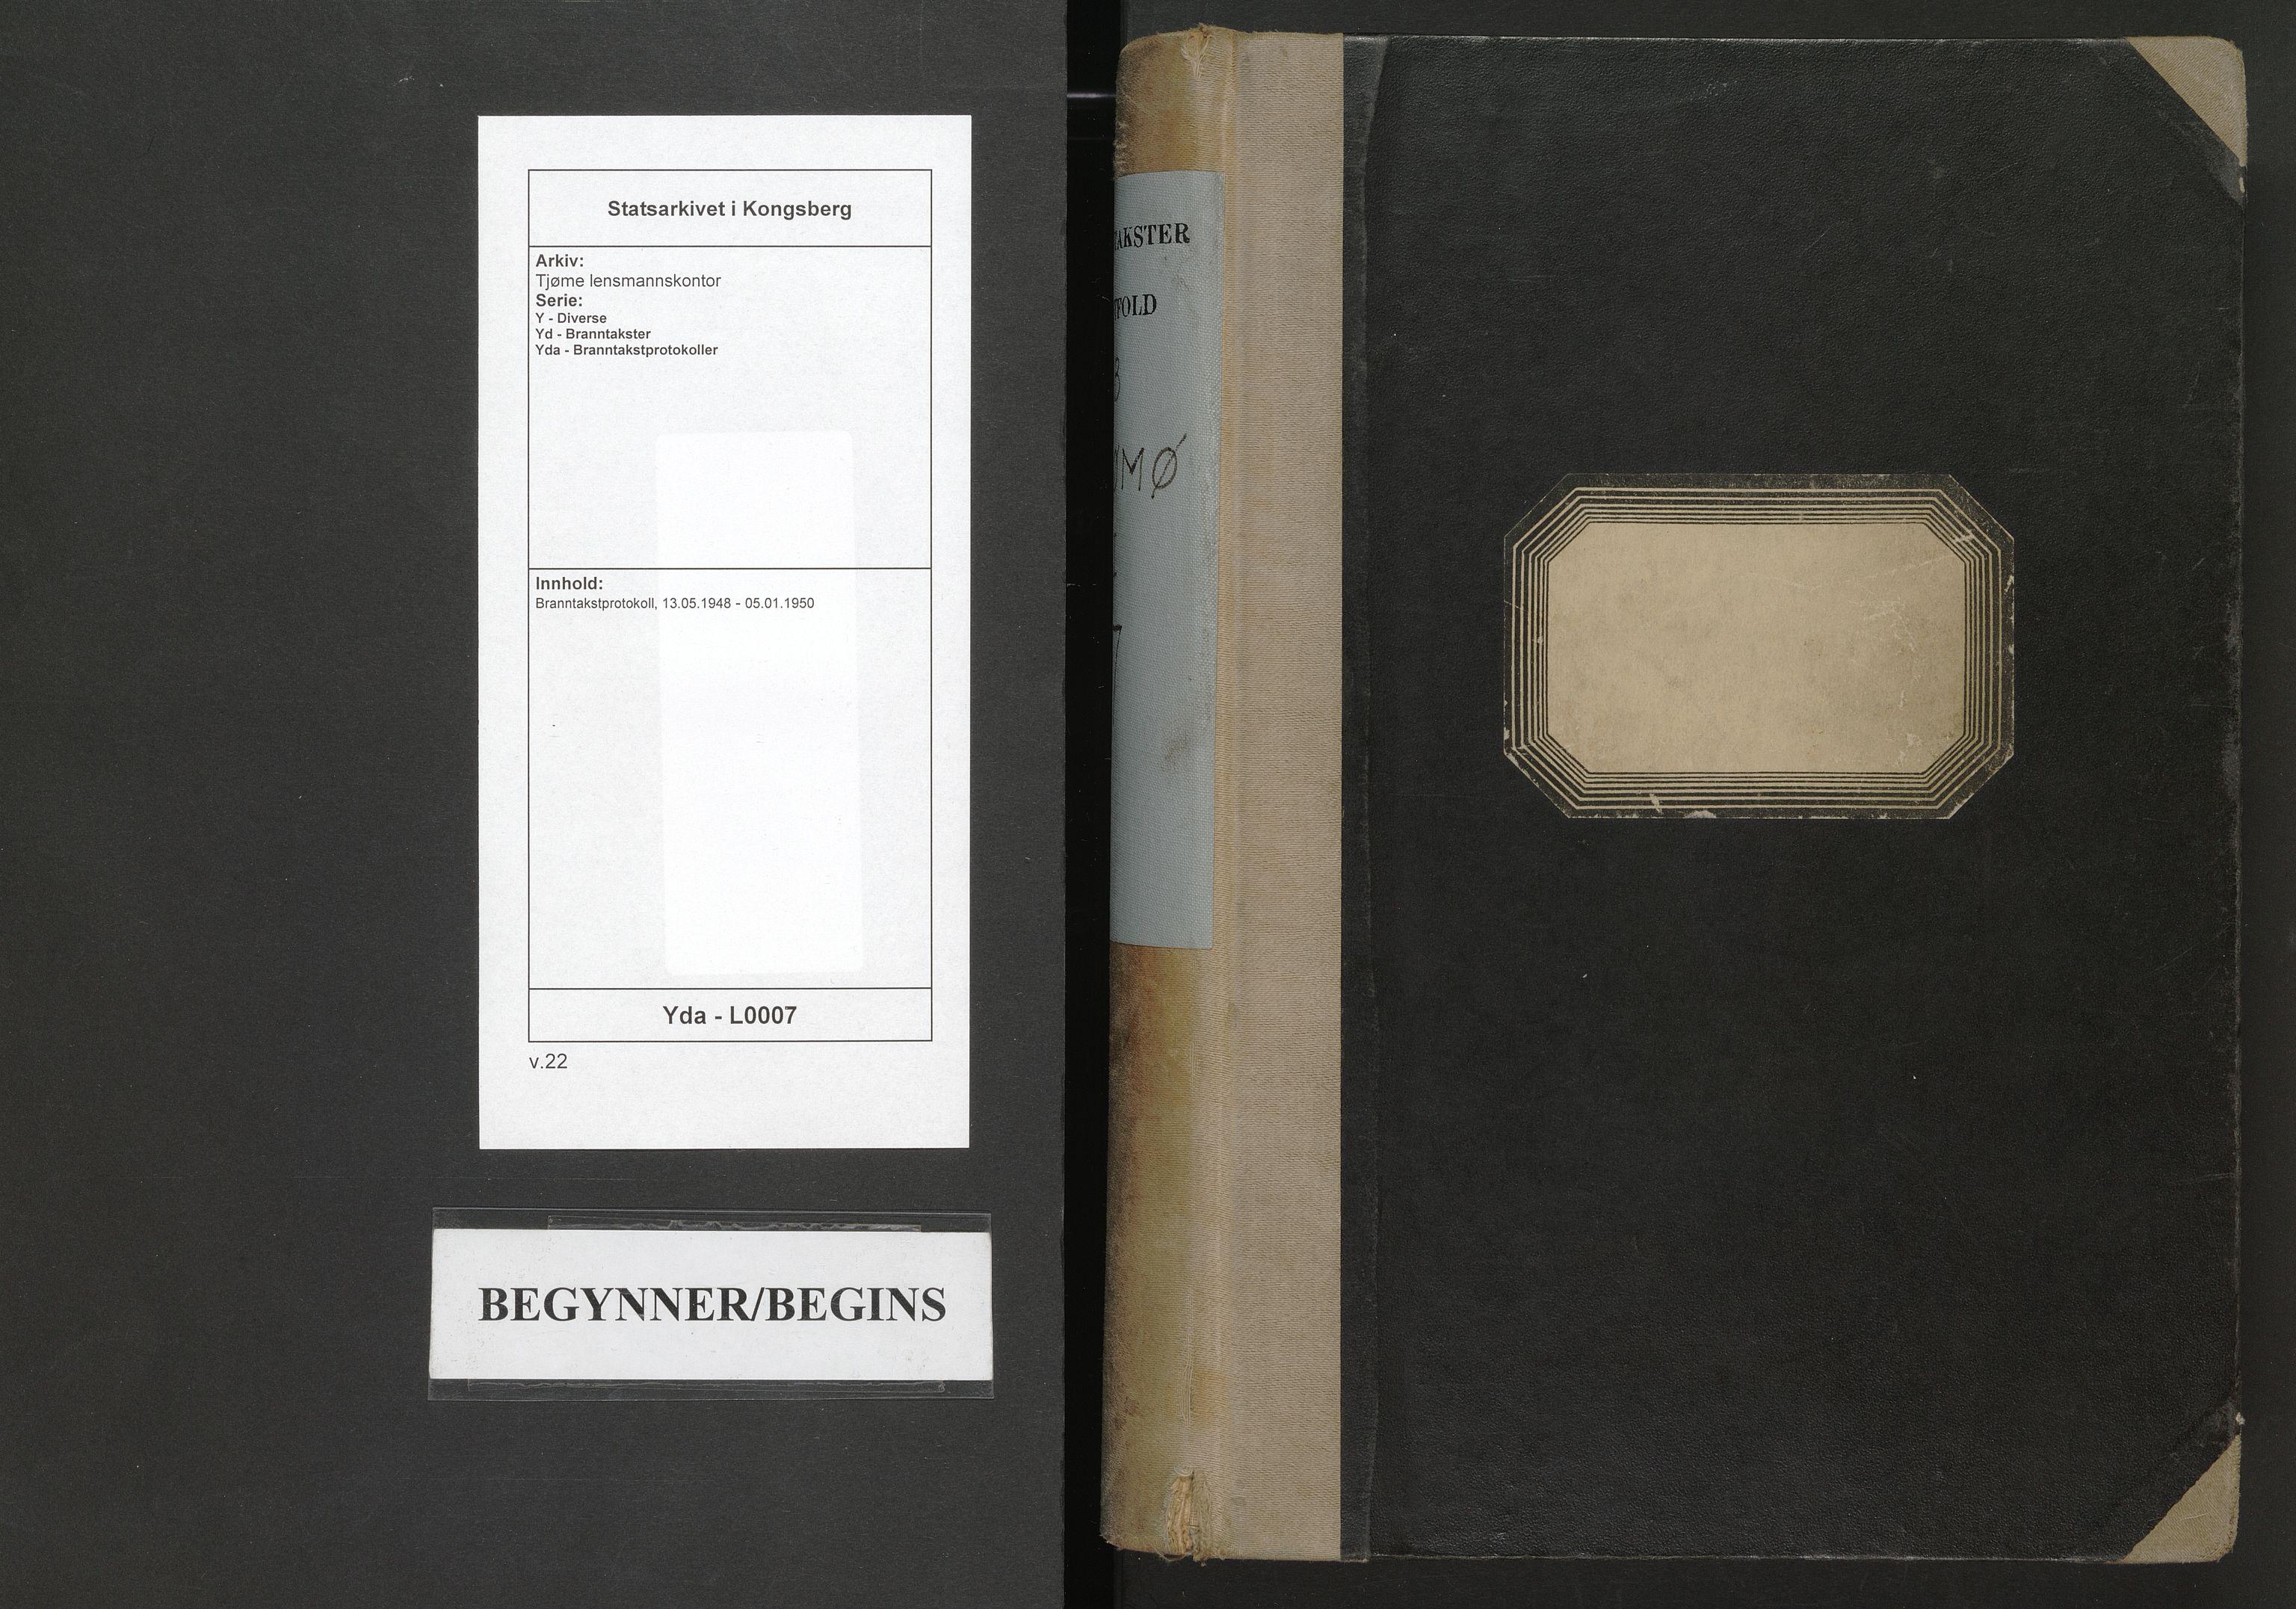 SAKO, Tjøme lensmannskontor, Y/Yd/Yda/L0007: Branntakstprotokoll, 1948-1950